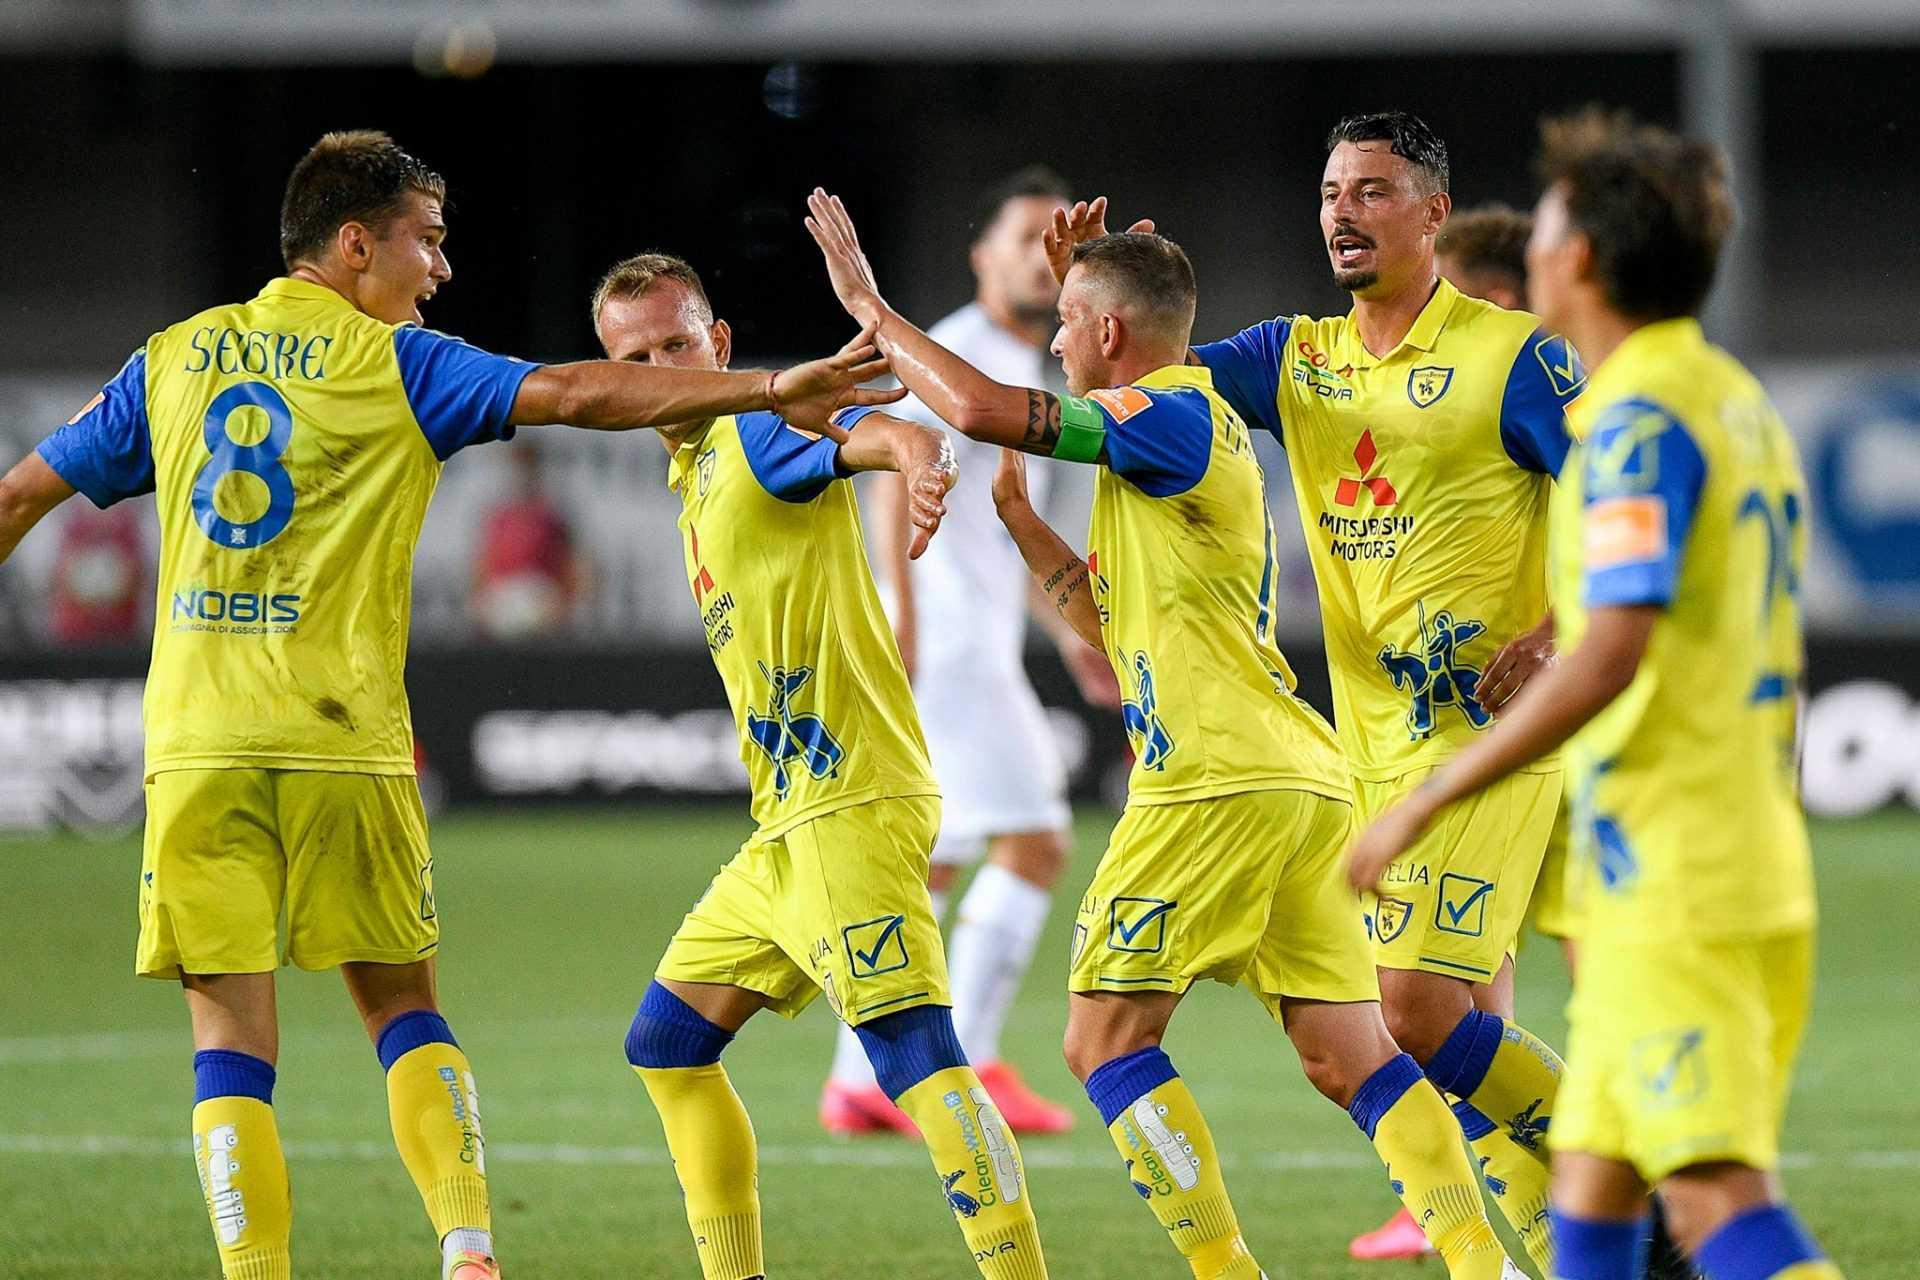 Il TAR respinge il ricorso del Chievo: Cosenza in Serie B